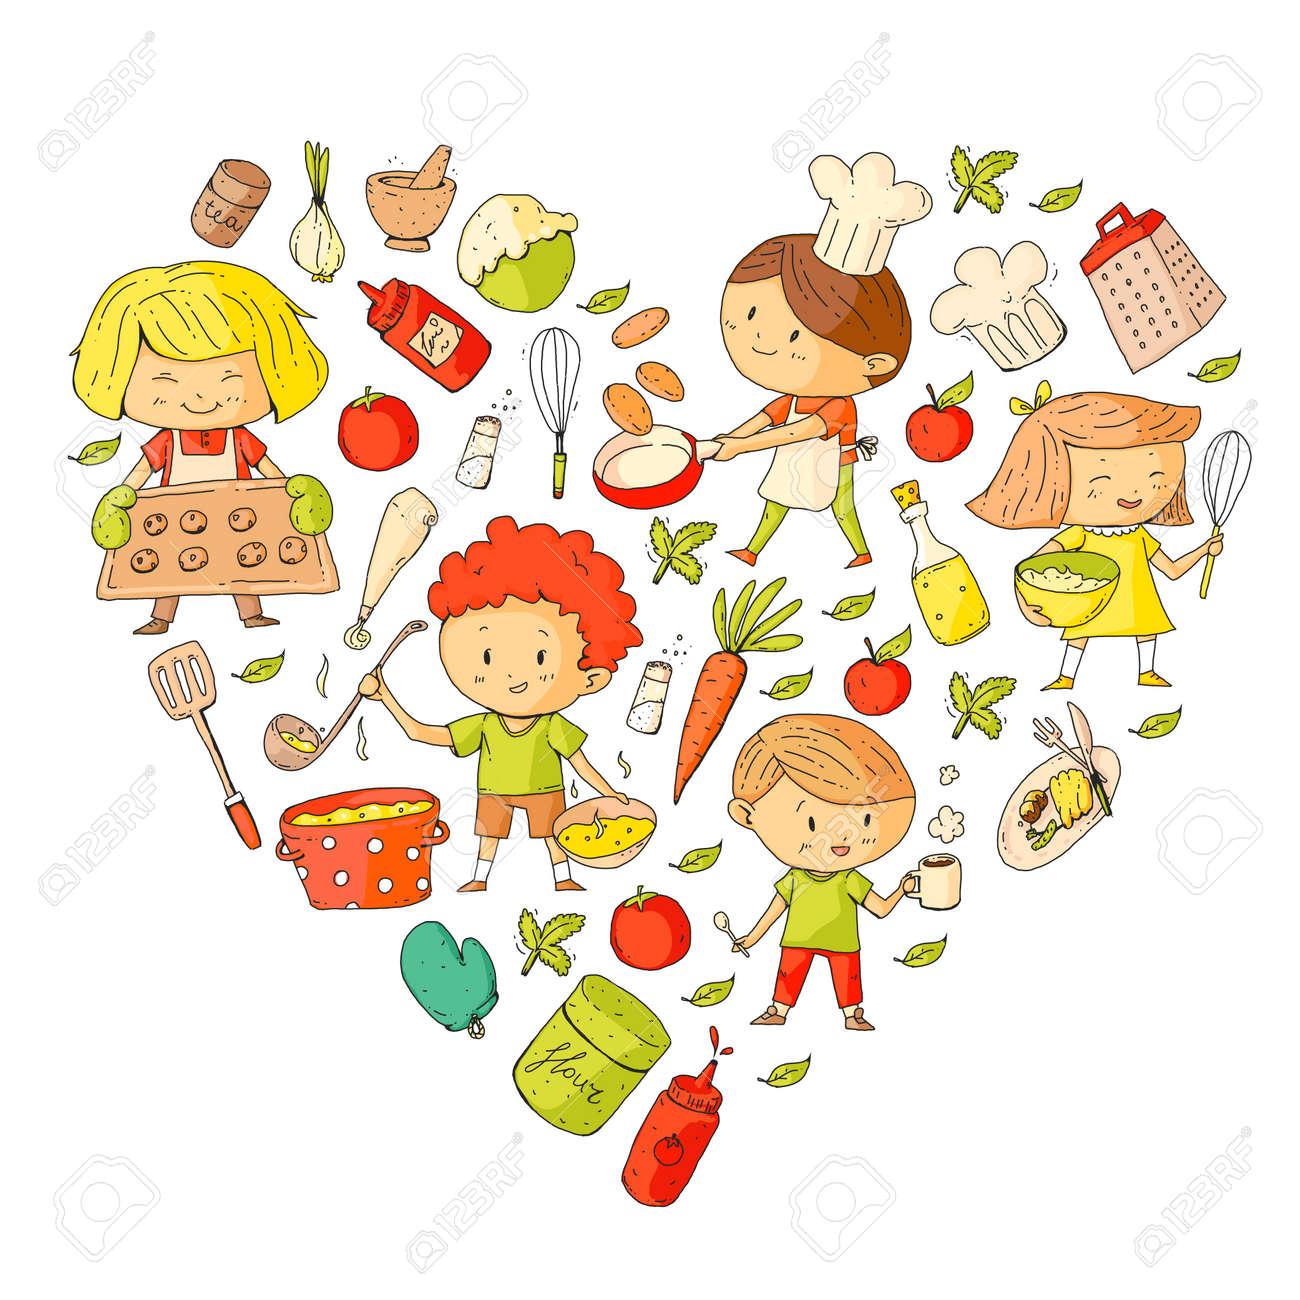 Crianças Fofos Cozinhar Alimentos Crianças Do Jardim De Infância E Da Escola Crianças De Desenho Aula De Culinária Café E Restaurante Para